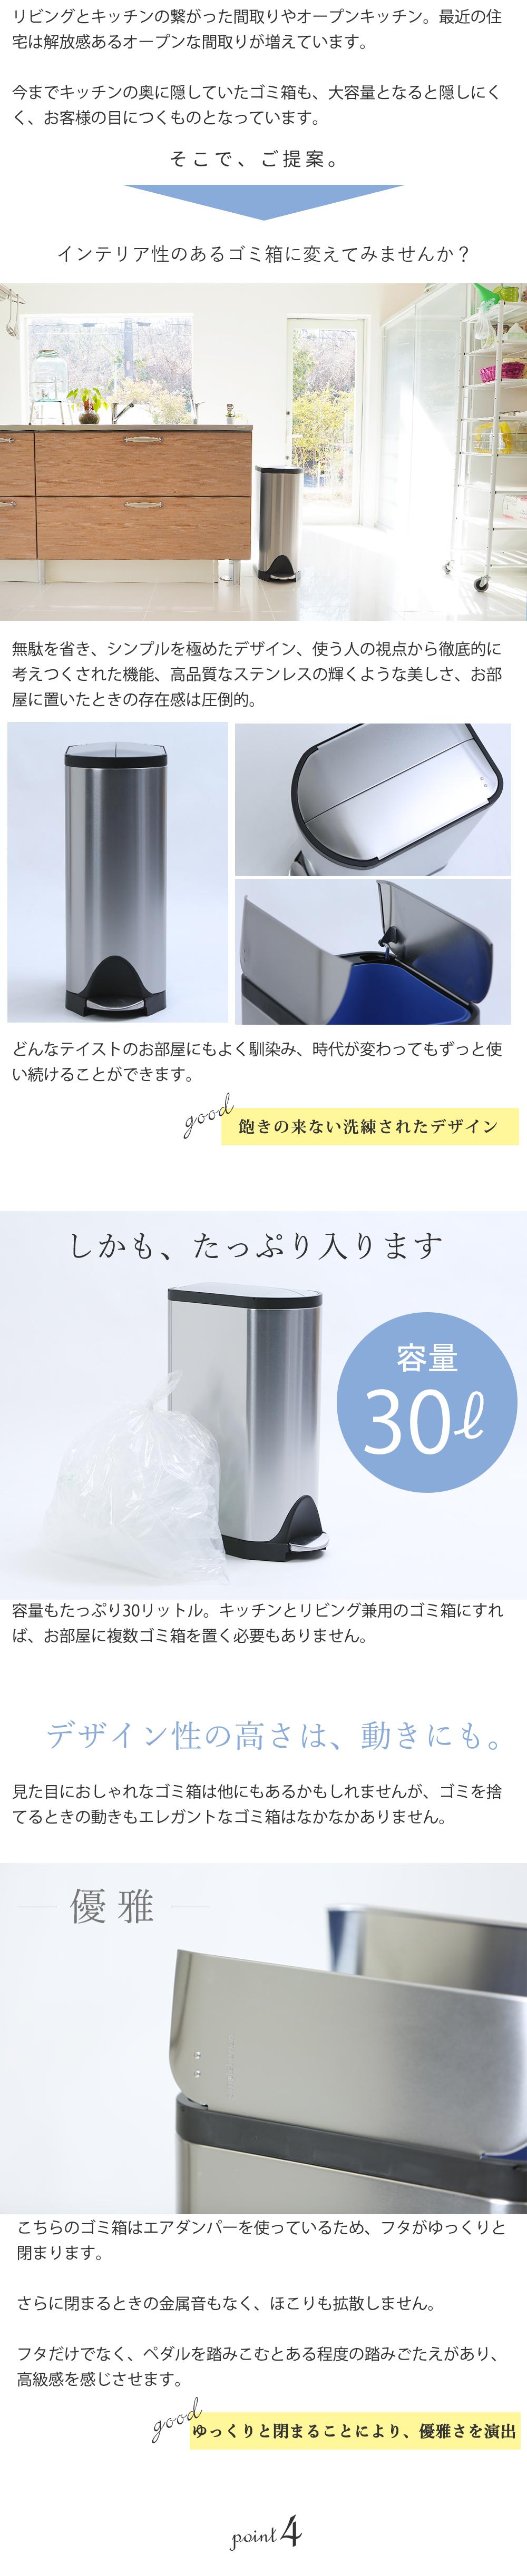 45リットルのゴミ箱のサイズ説明とステンレス素材の紹介